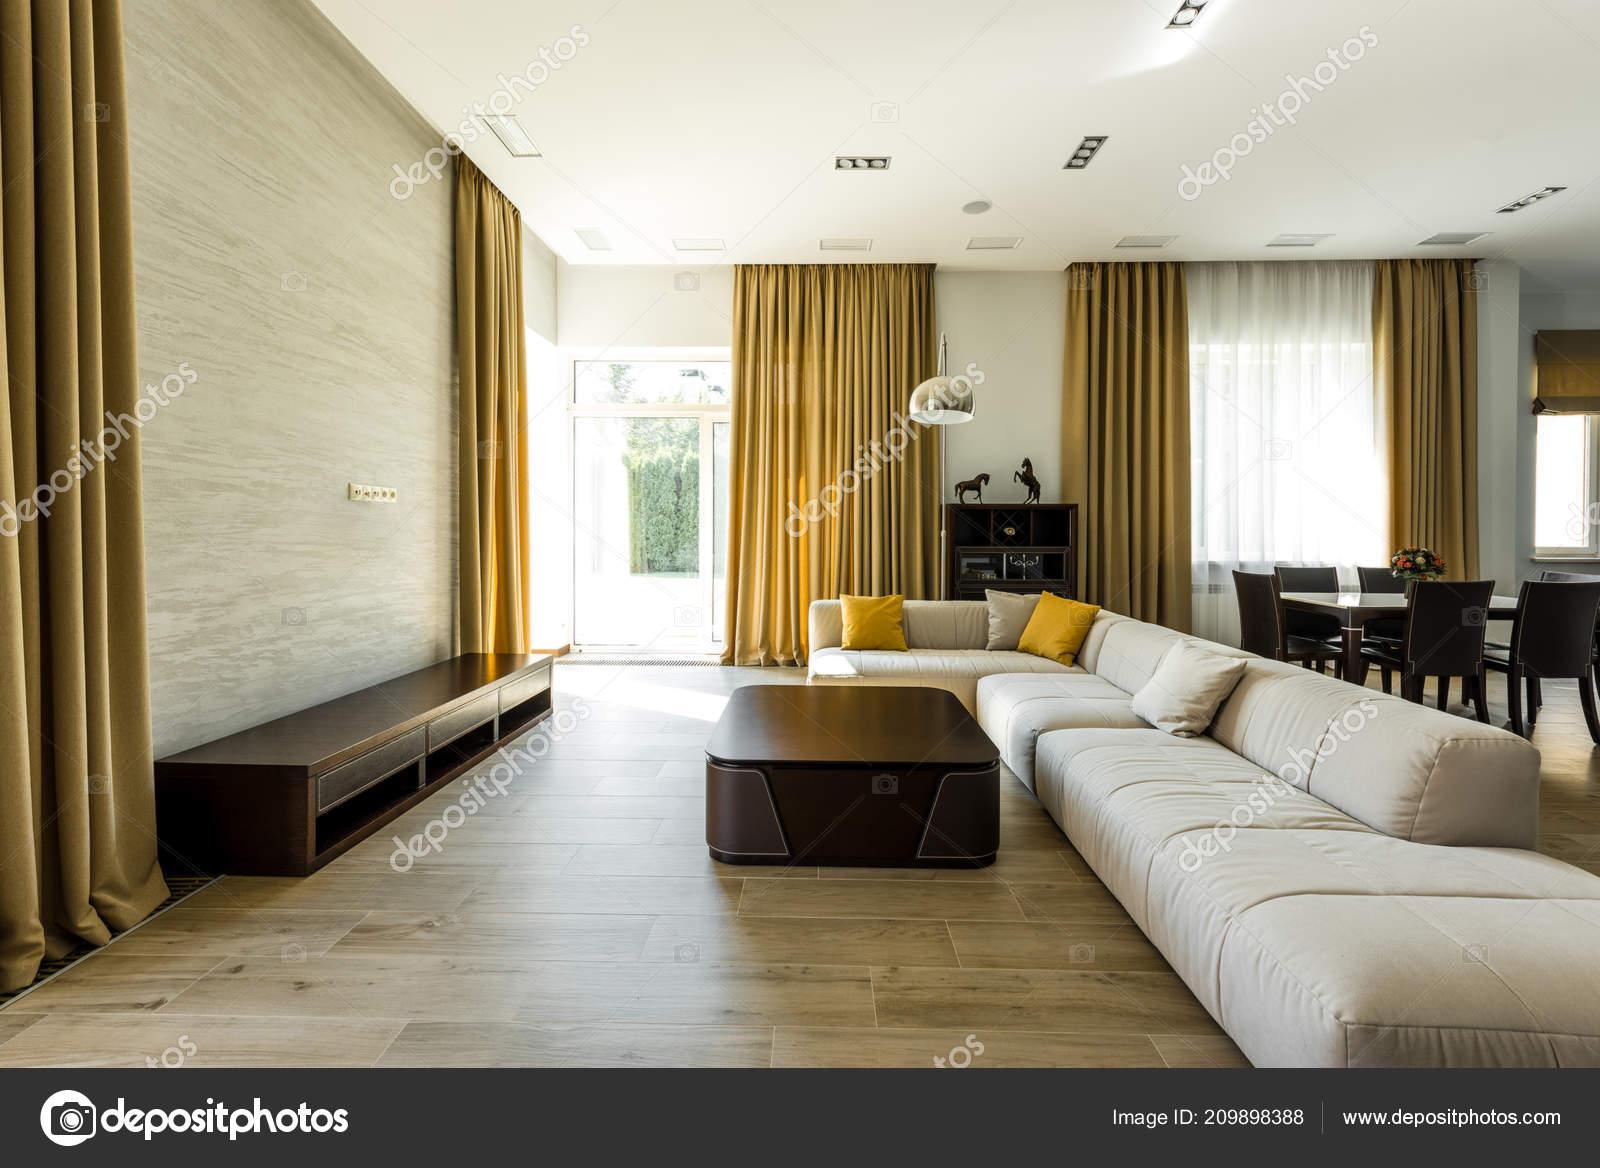 Interieur van lege moderne woonkamer met sofa lamp u stockfoto y